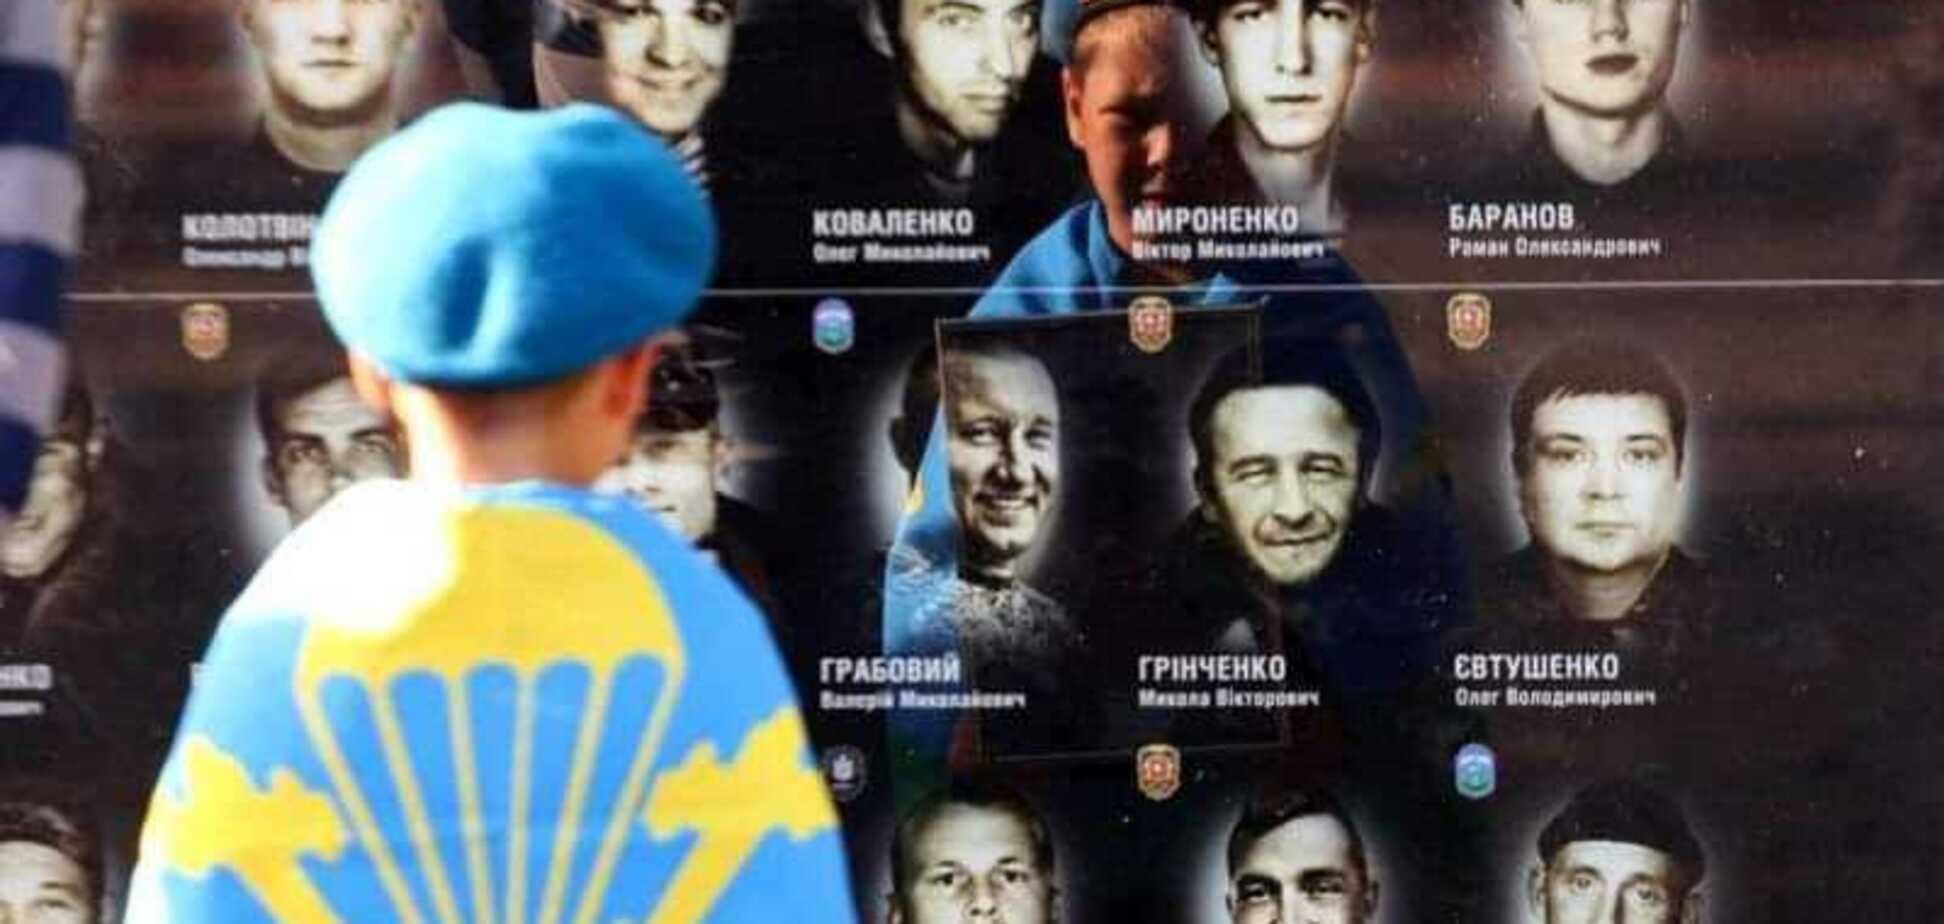 В Украине генералы неподсудны, судить можно только солдат, которые выжили